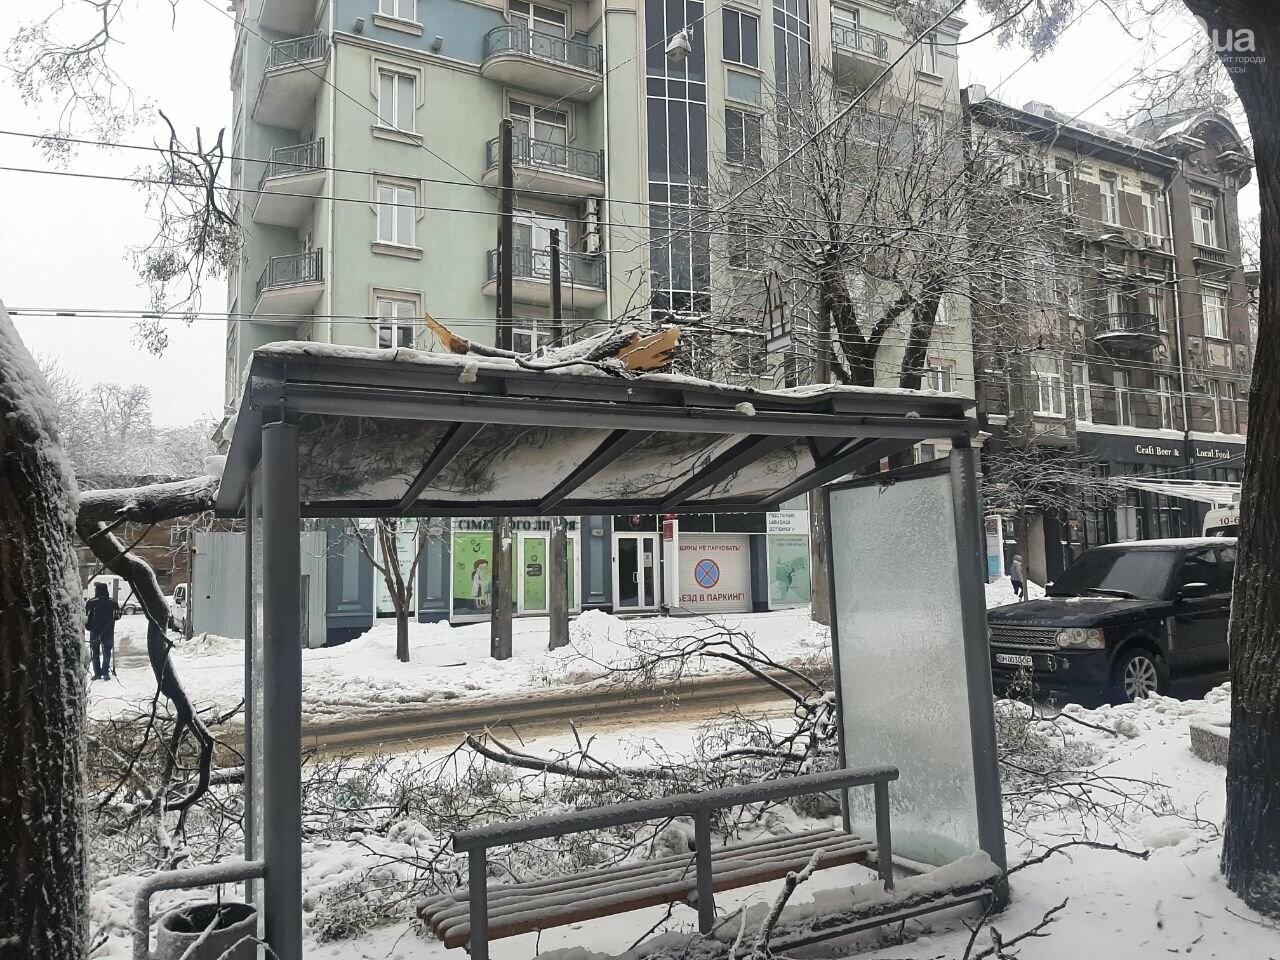 Последствия непогоды в Одессе, - ФОТОРЕПОРТАЖ, фото-3131